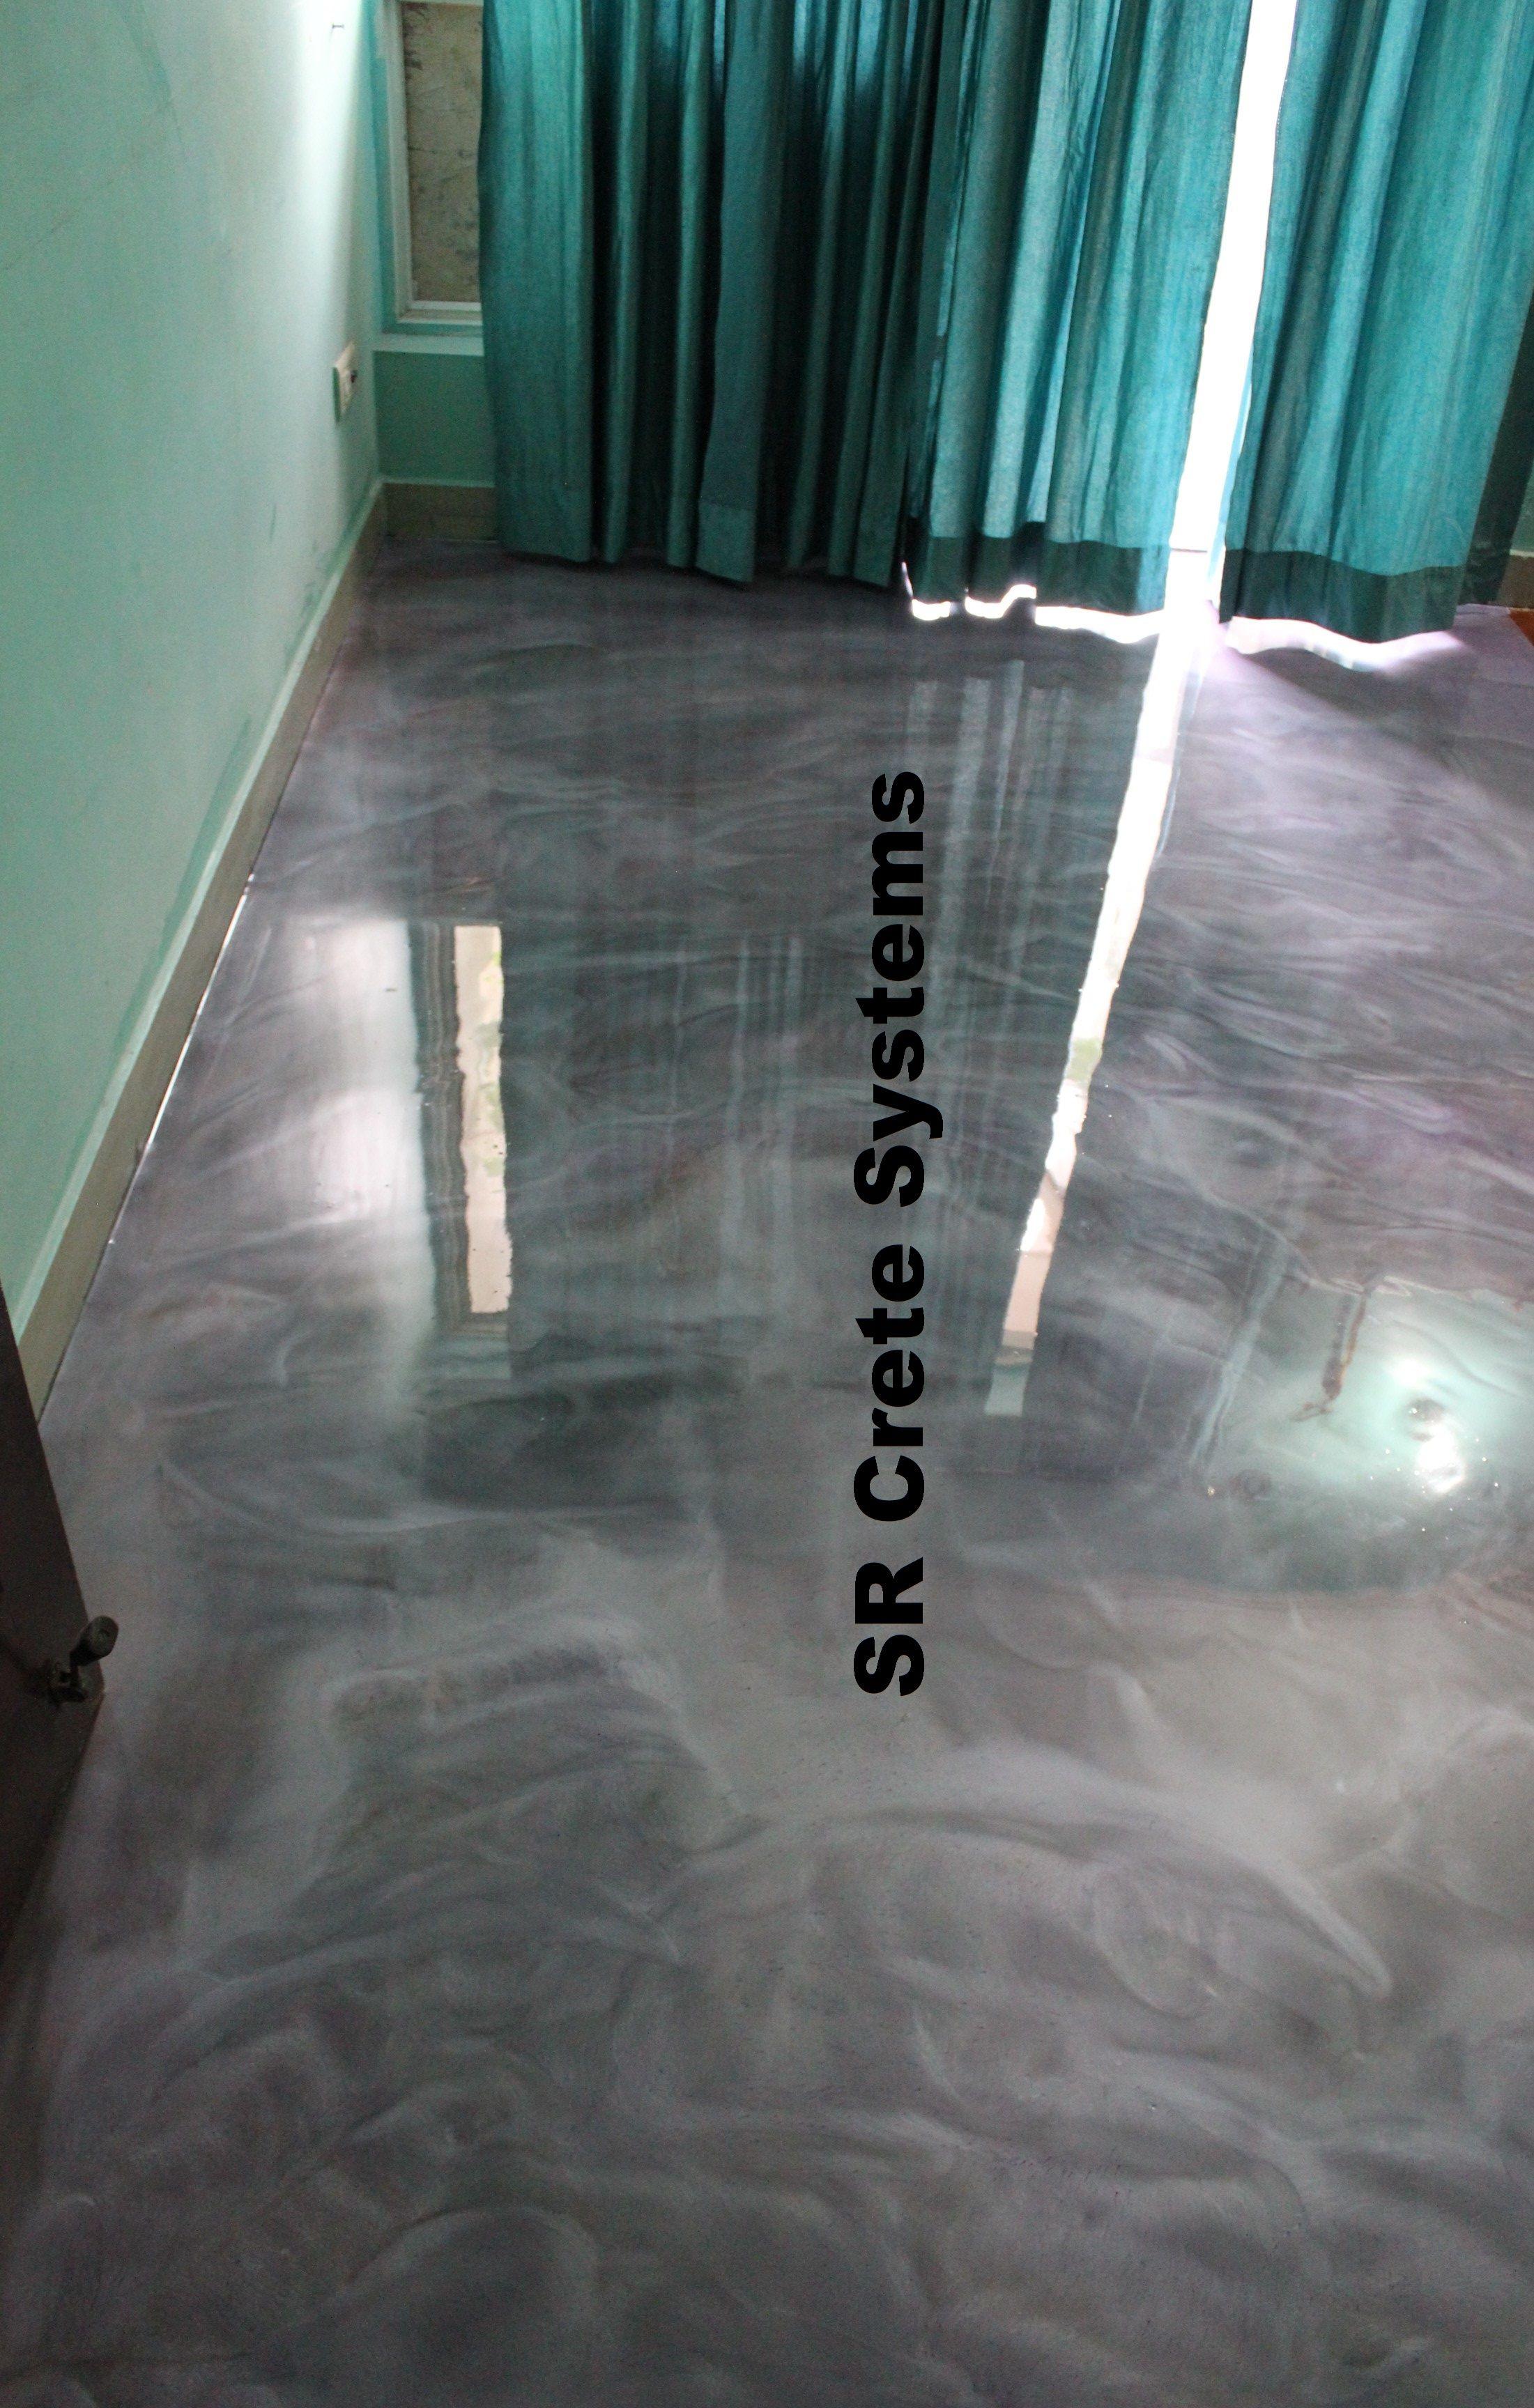 Designer metallic epoxy flooring for your kids bedroom in